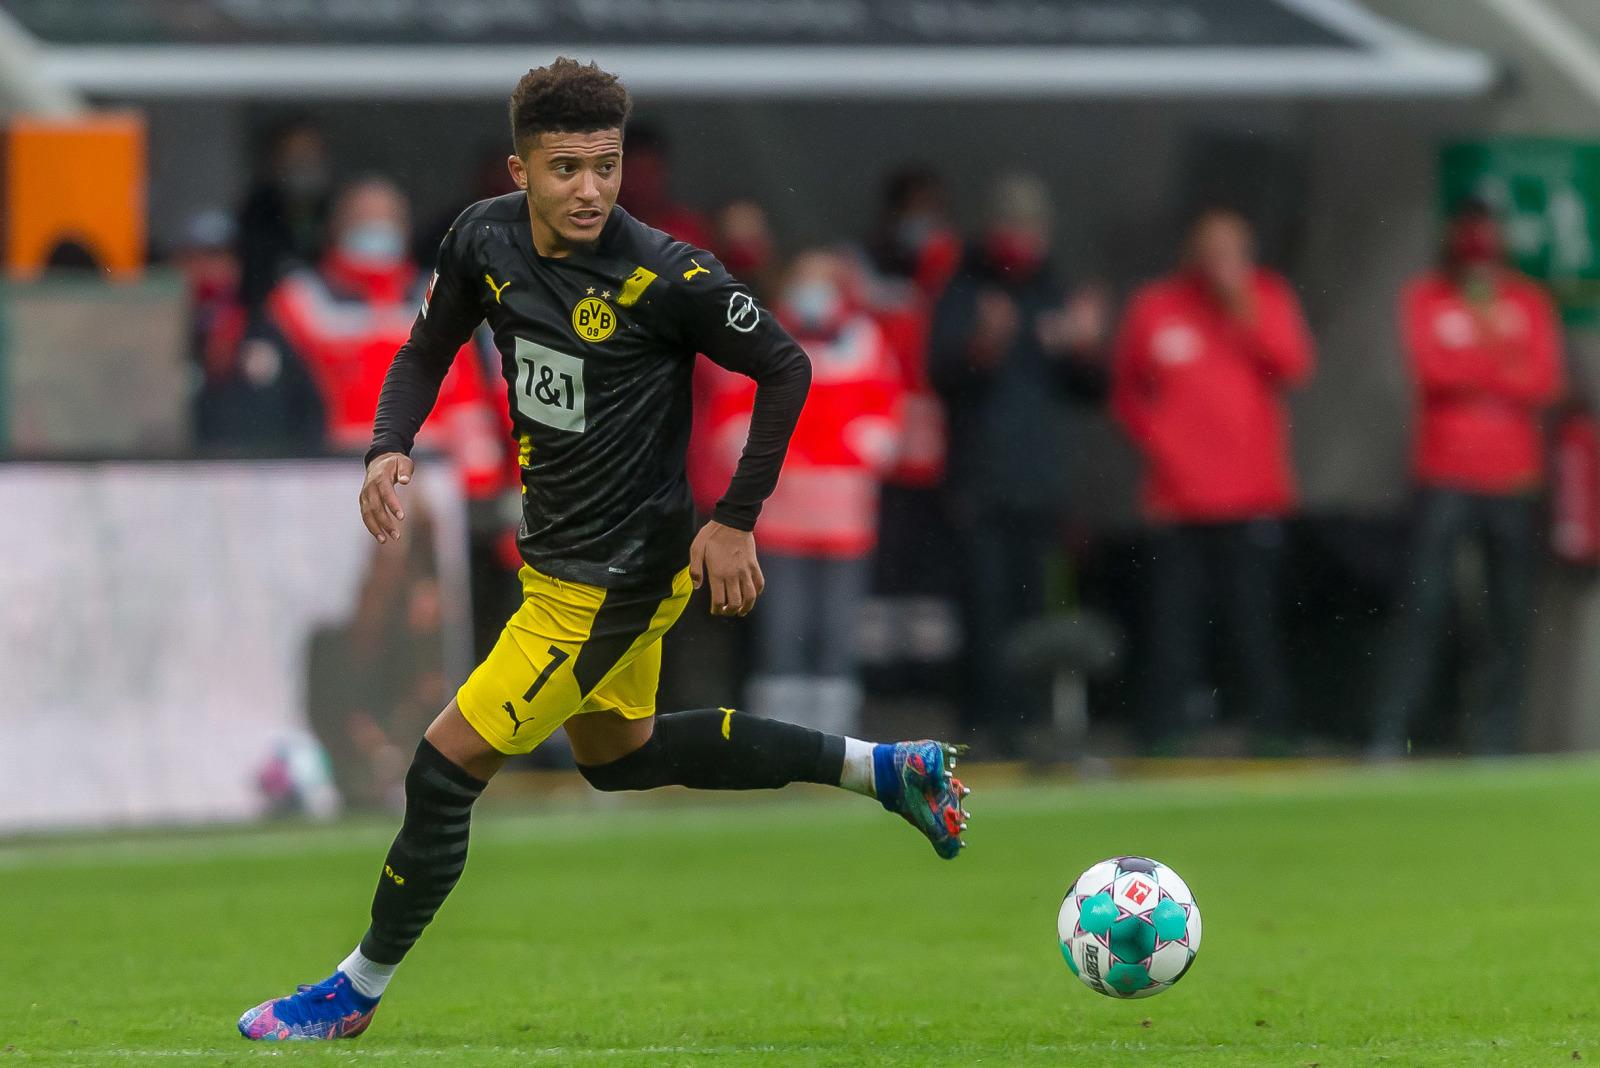 Lazio Vs Borussia Dortmund Live Stream Watch Champions League Online